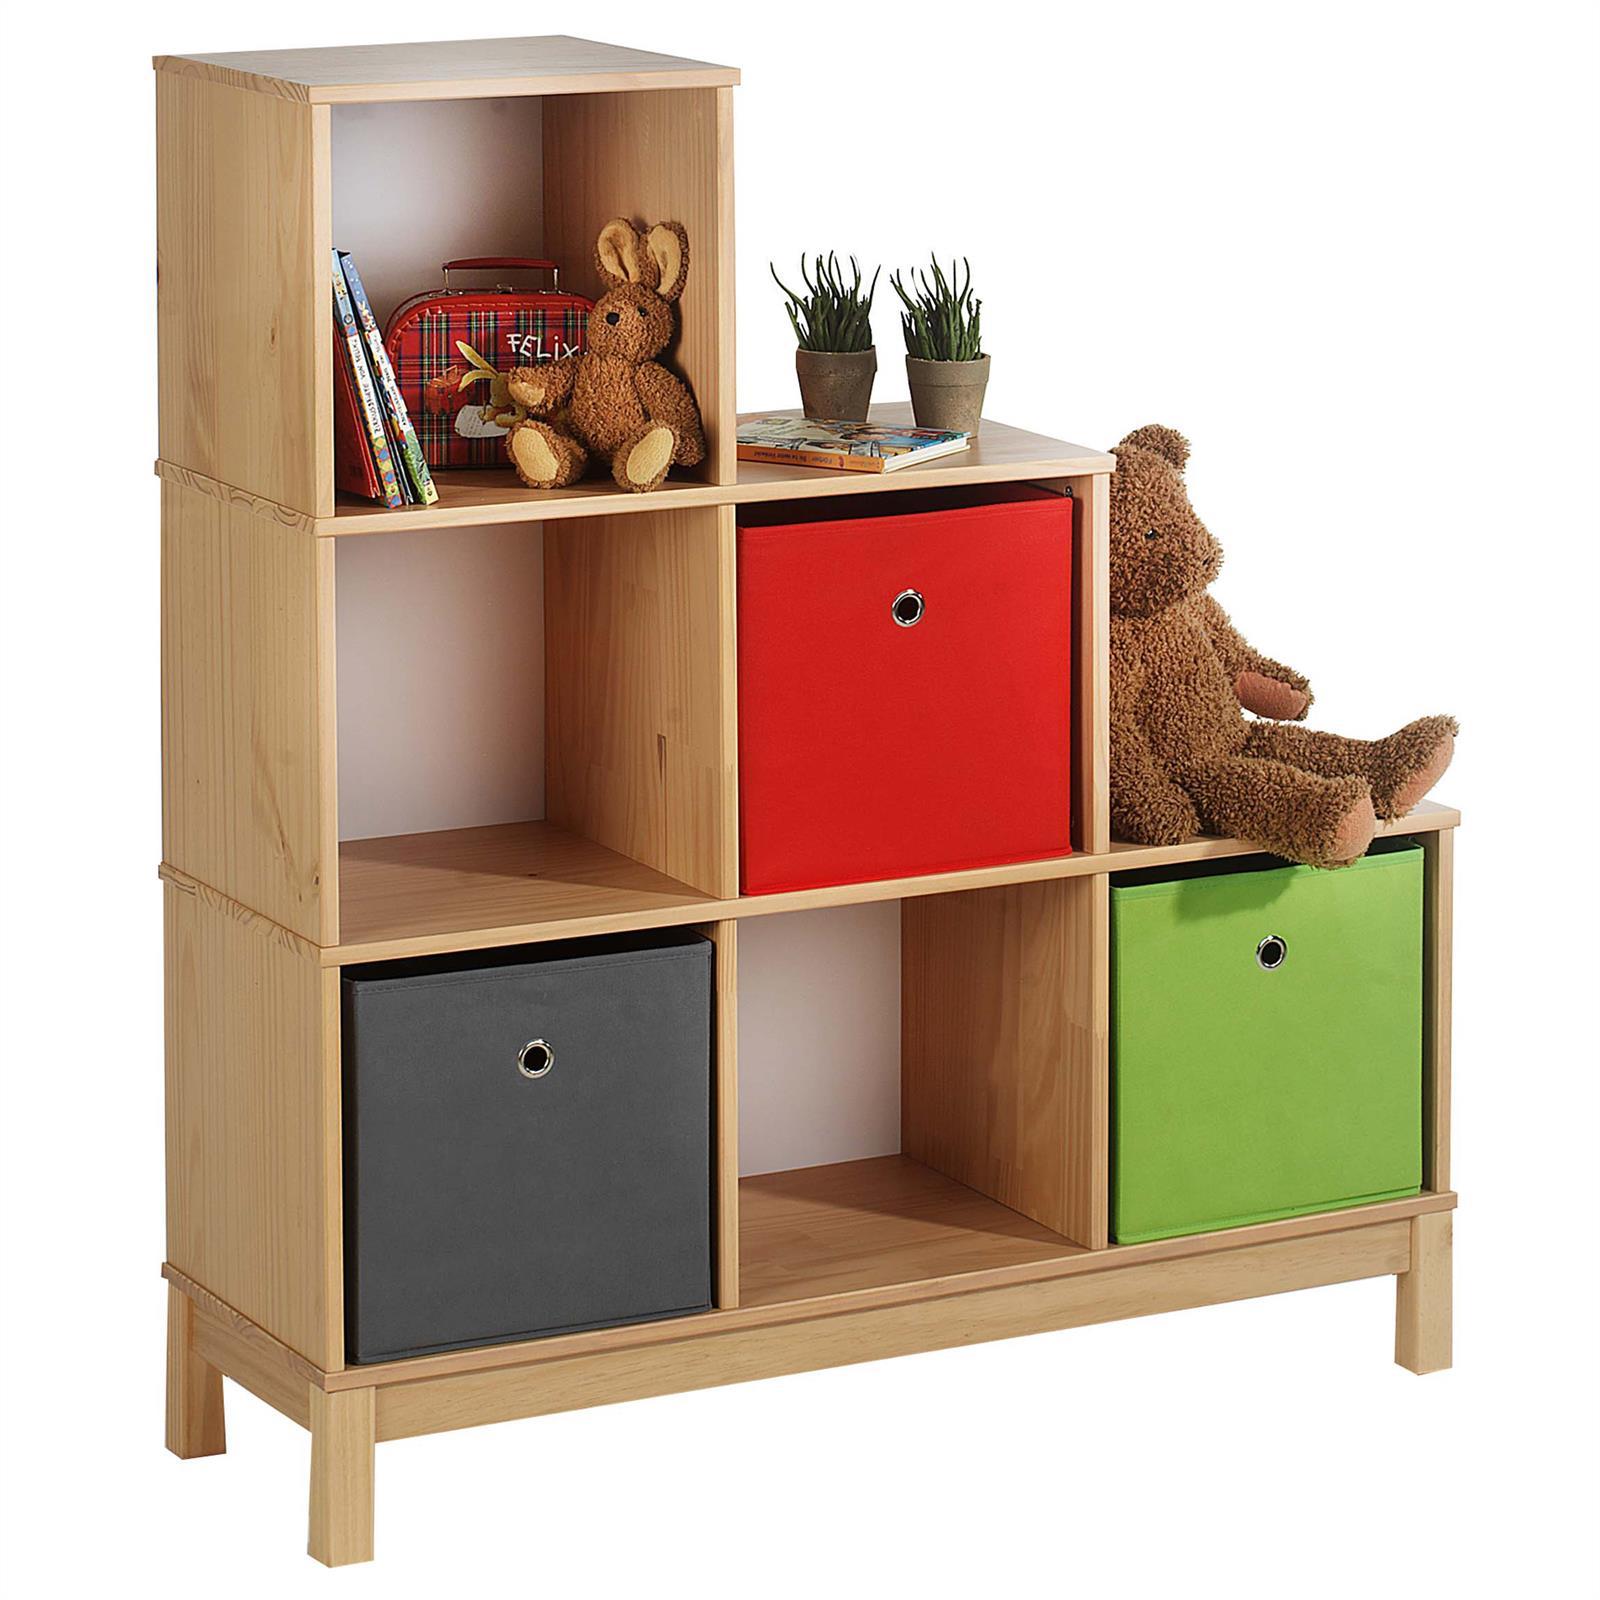 Etag re escalier en pin logo 6 casiers lasur couleur h tre mobil meubles - Meuble casier en escalier ...